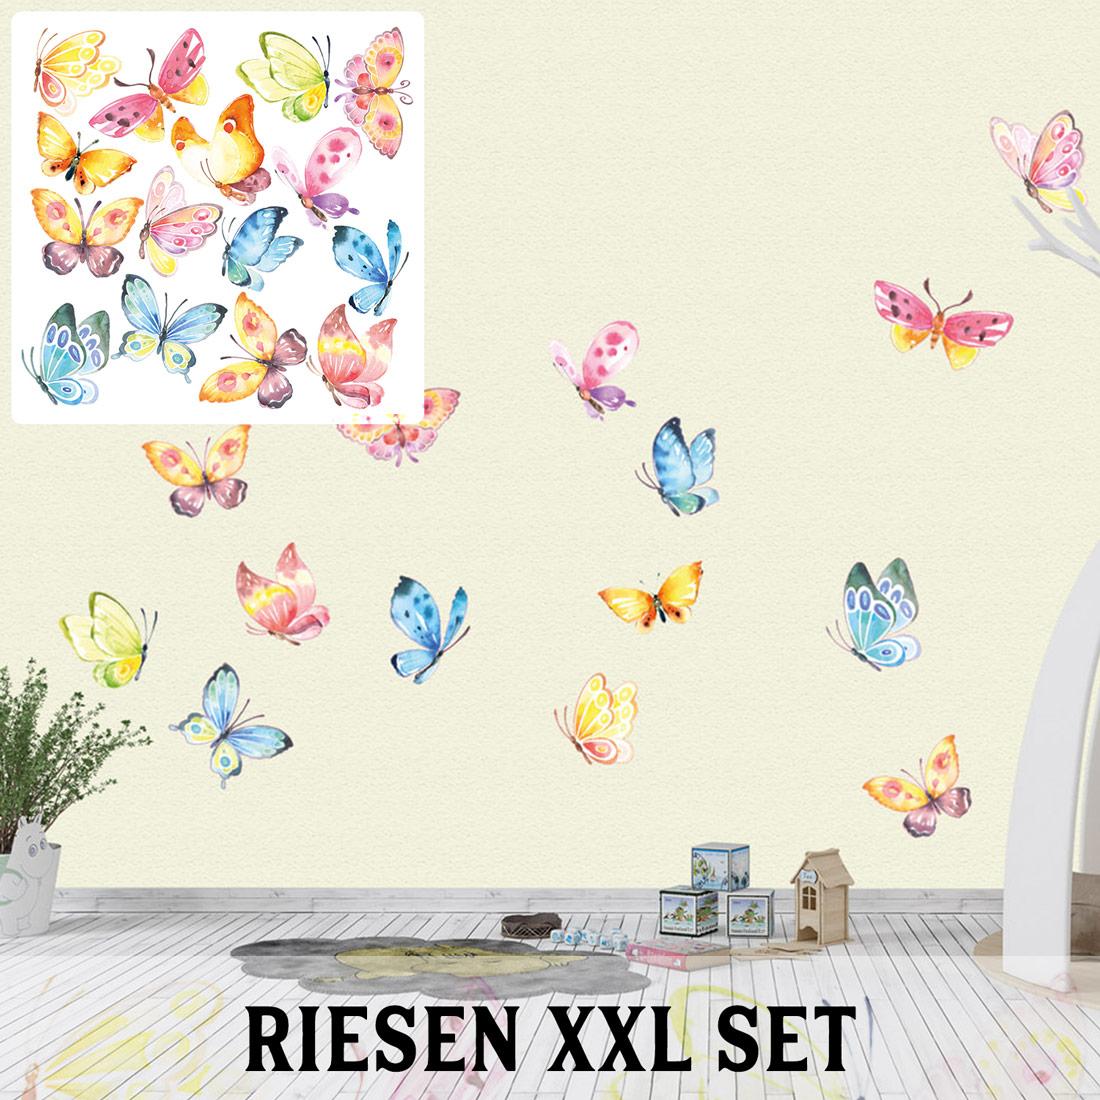 Schmetterlinge Wandtattoo Xxl Set Verschiedene Motive Kinderzimmer Aufkleber Bunt Wanddeko Sunnywall Online Shop